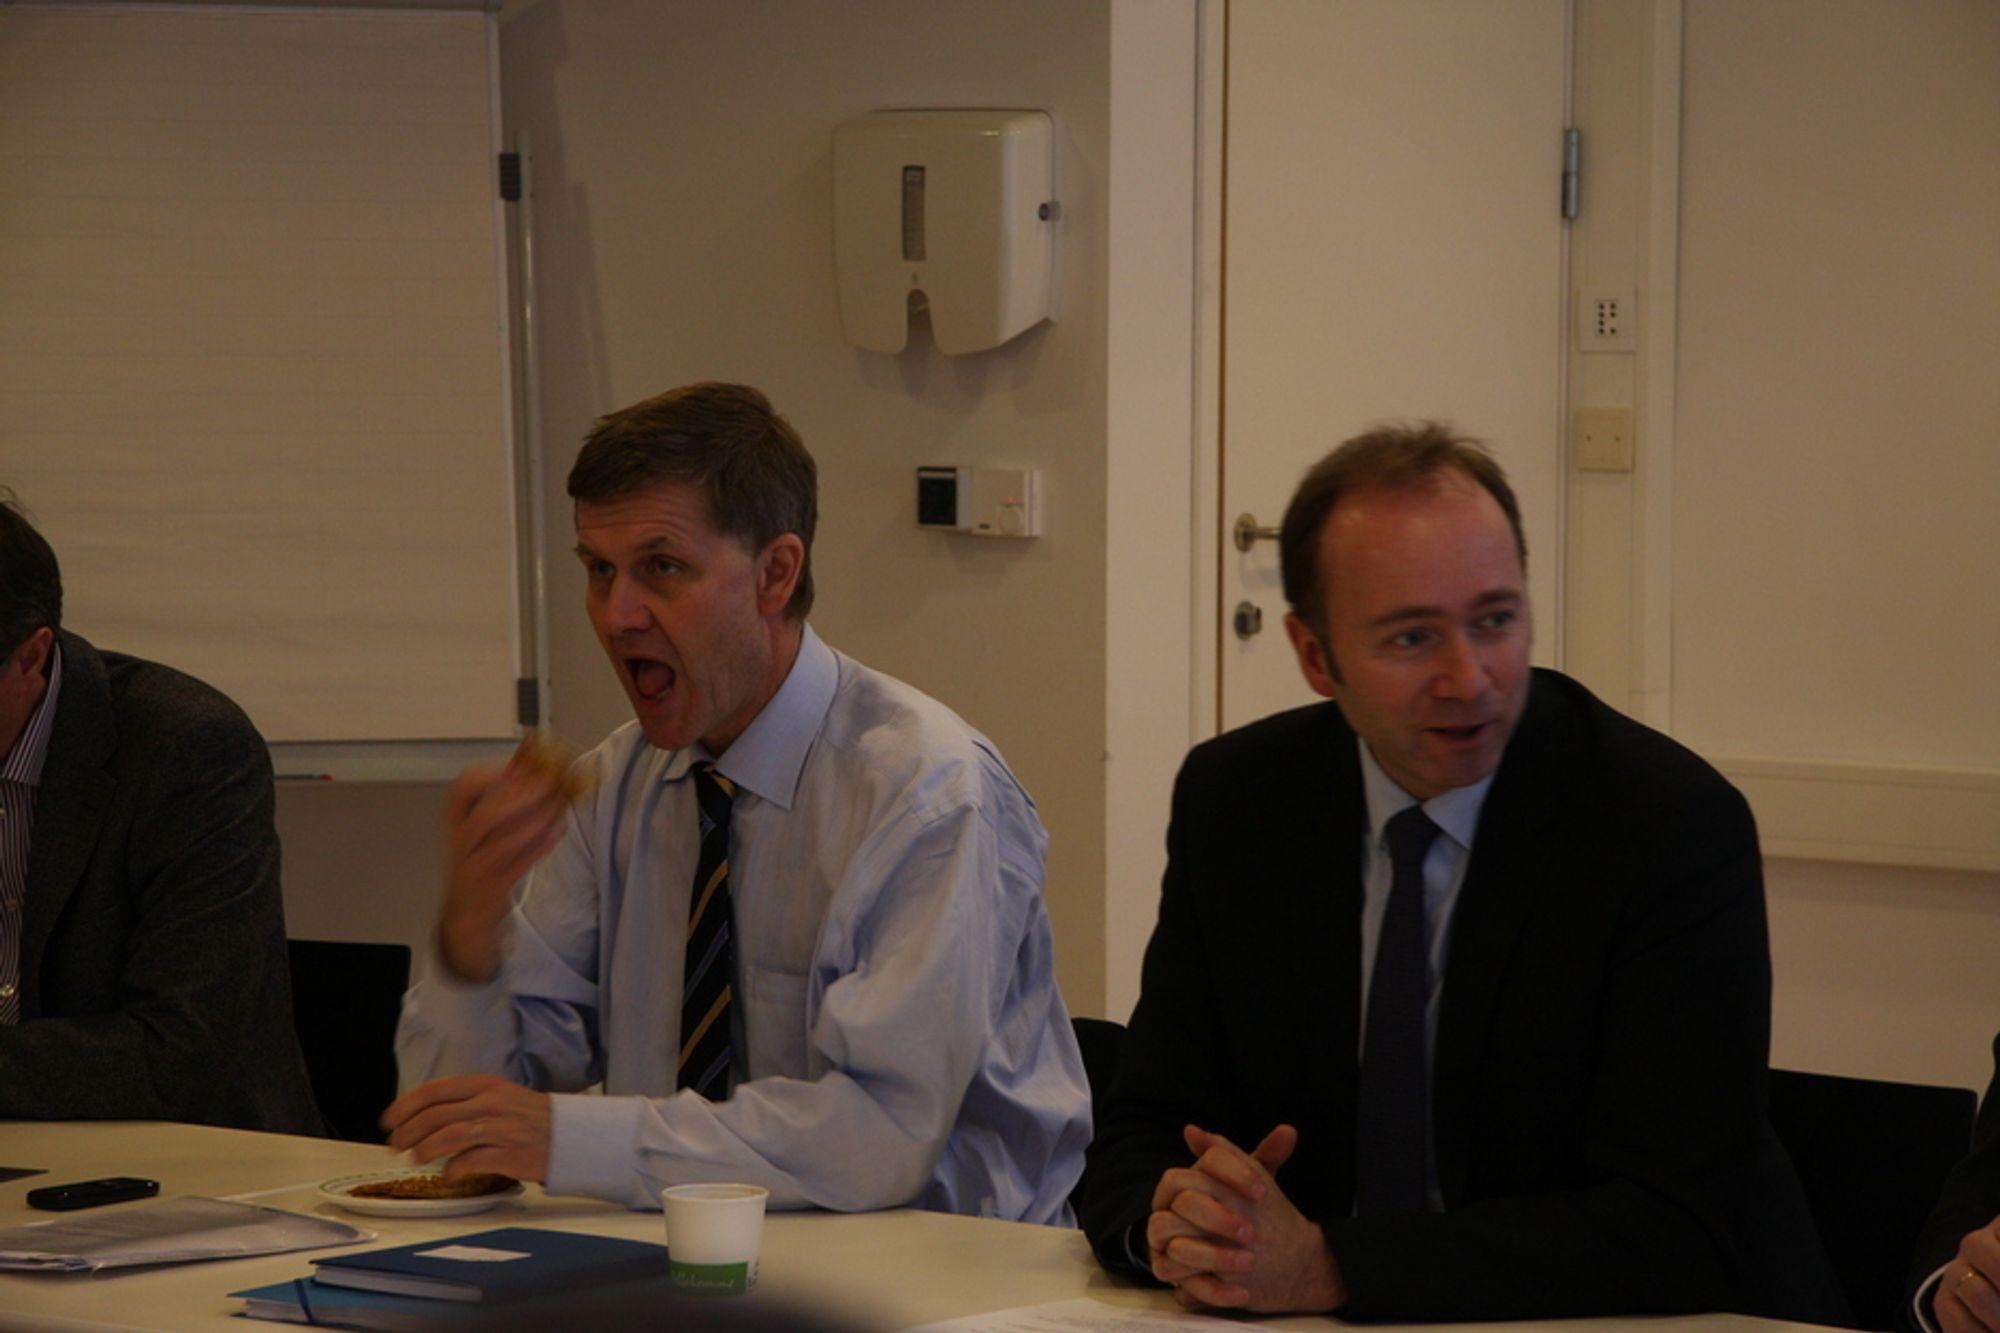 KRITISK: Statsrådene Erik Solheim og Trond Giske inviterte en rekke ledere fra næringslivet og akademia til strategisk råd for miljøteknologi, men de kom begge for sent - og Solheim benyttet møtet til å spise.